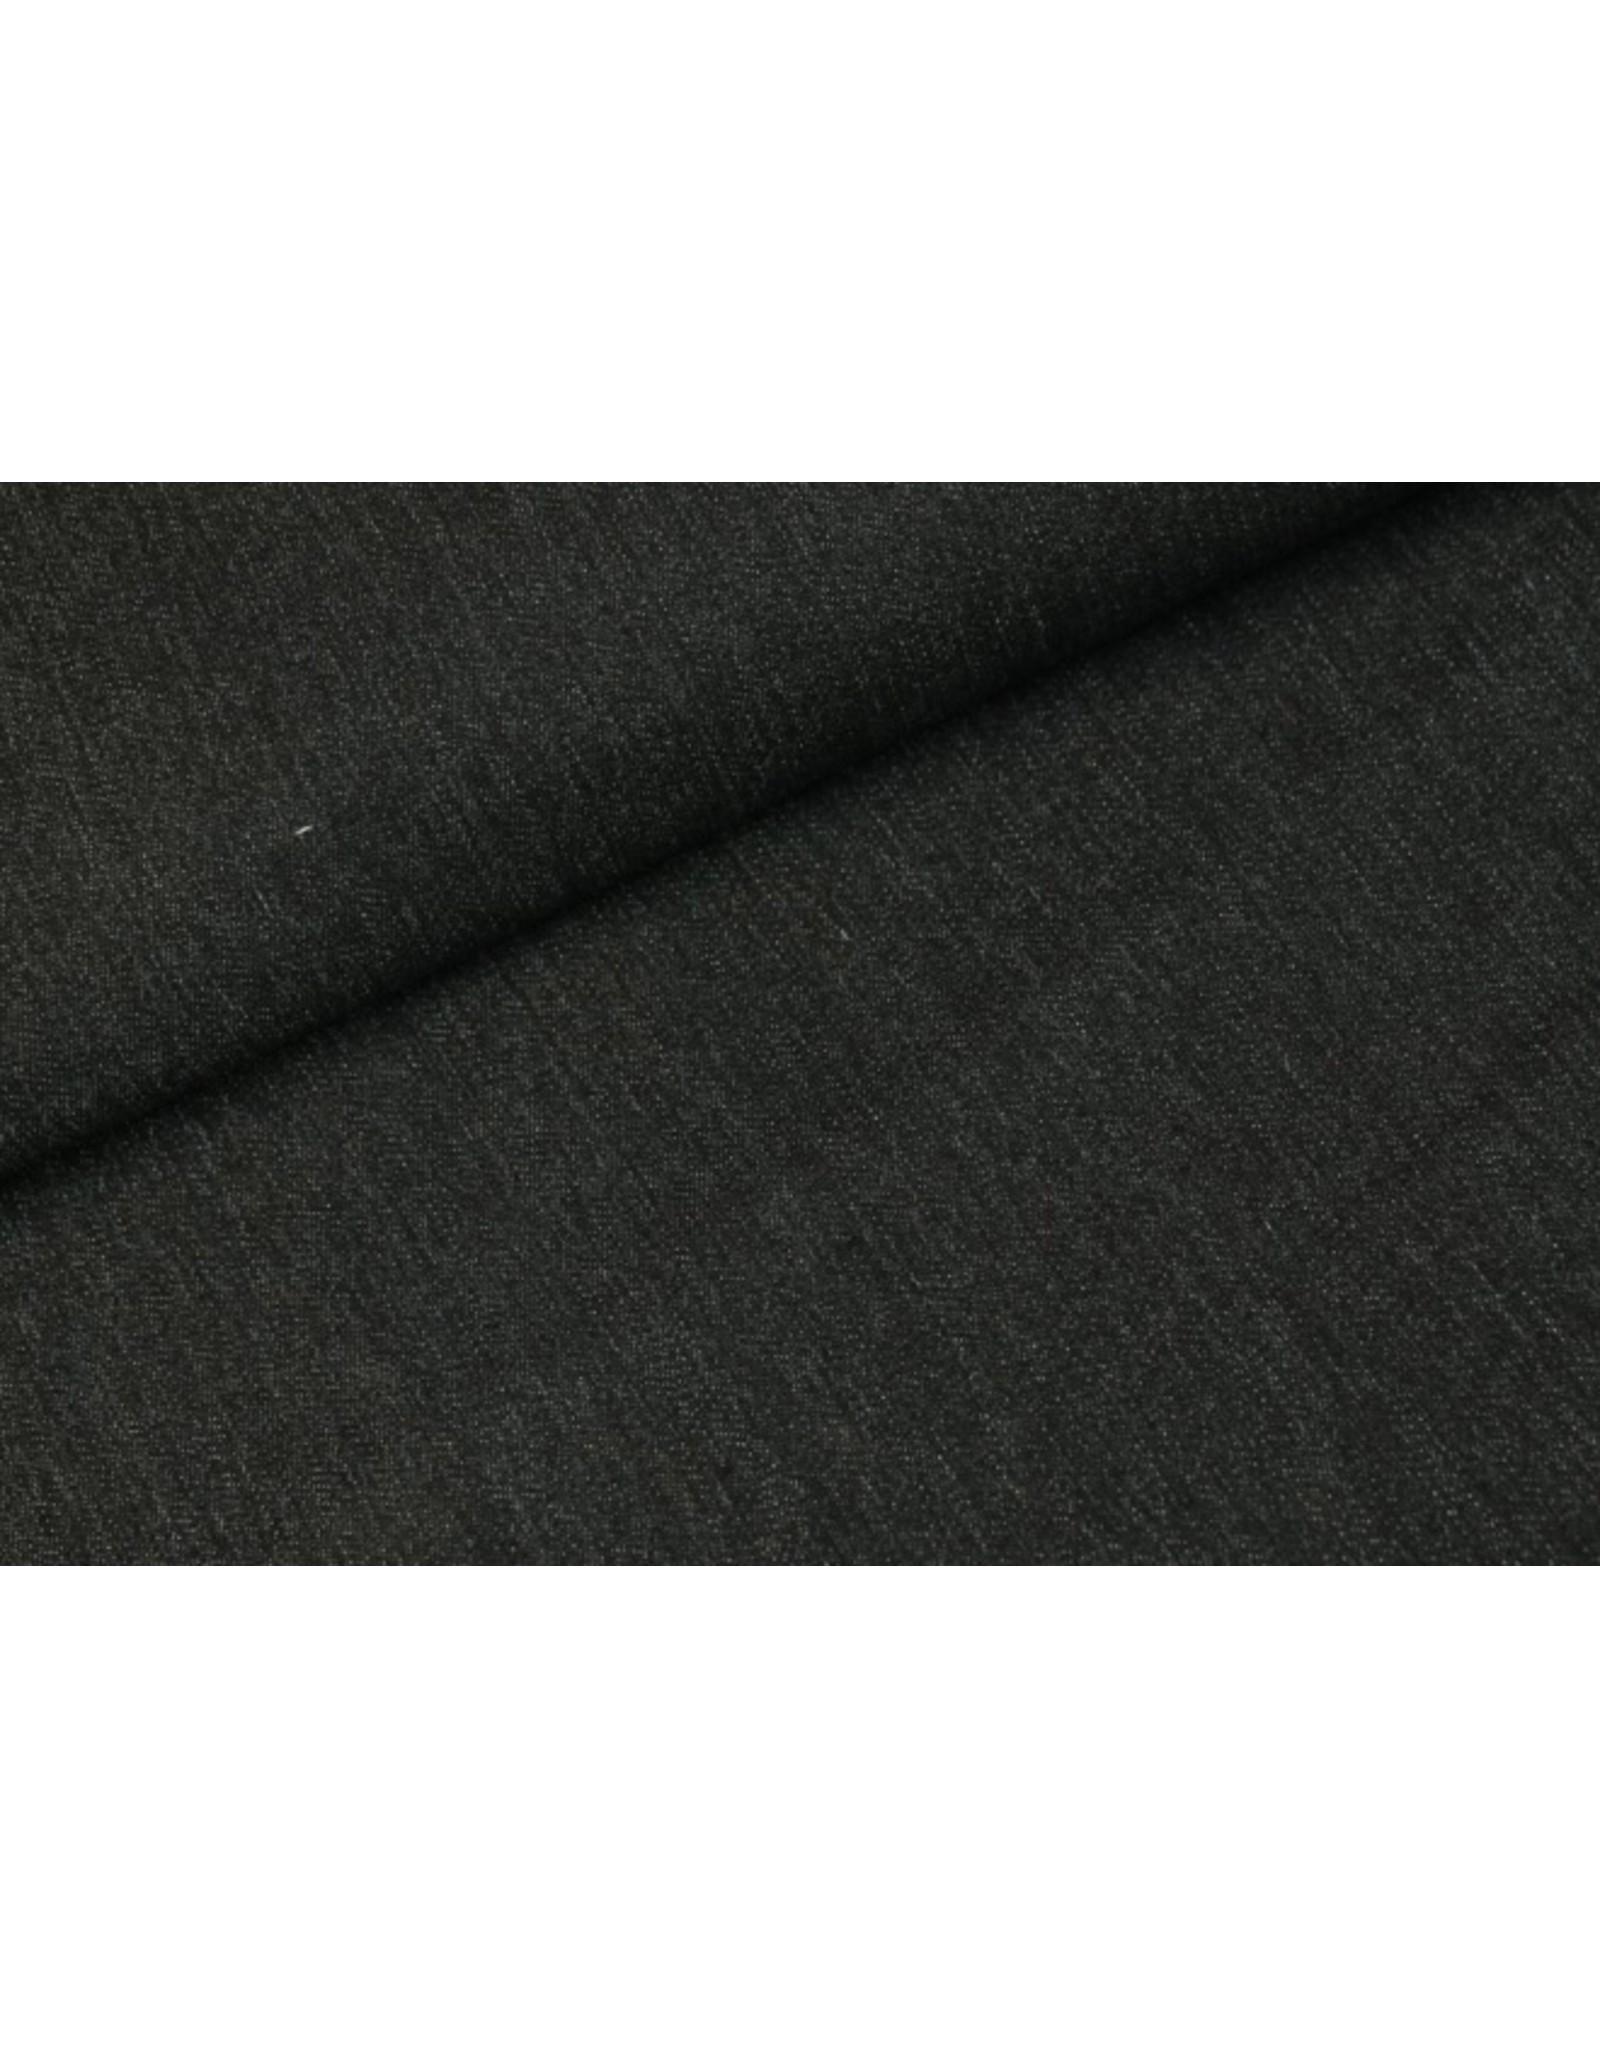 Denim Jeans gewassen - Dark Navy